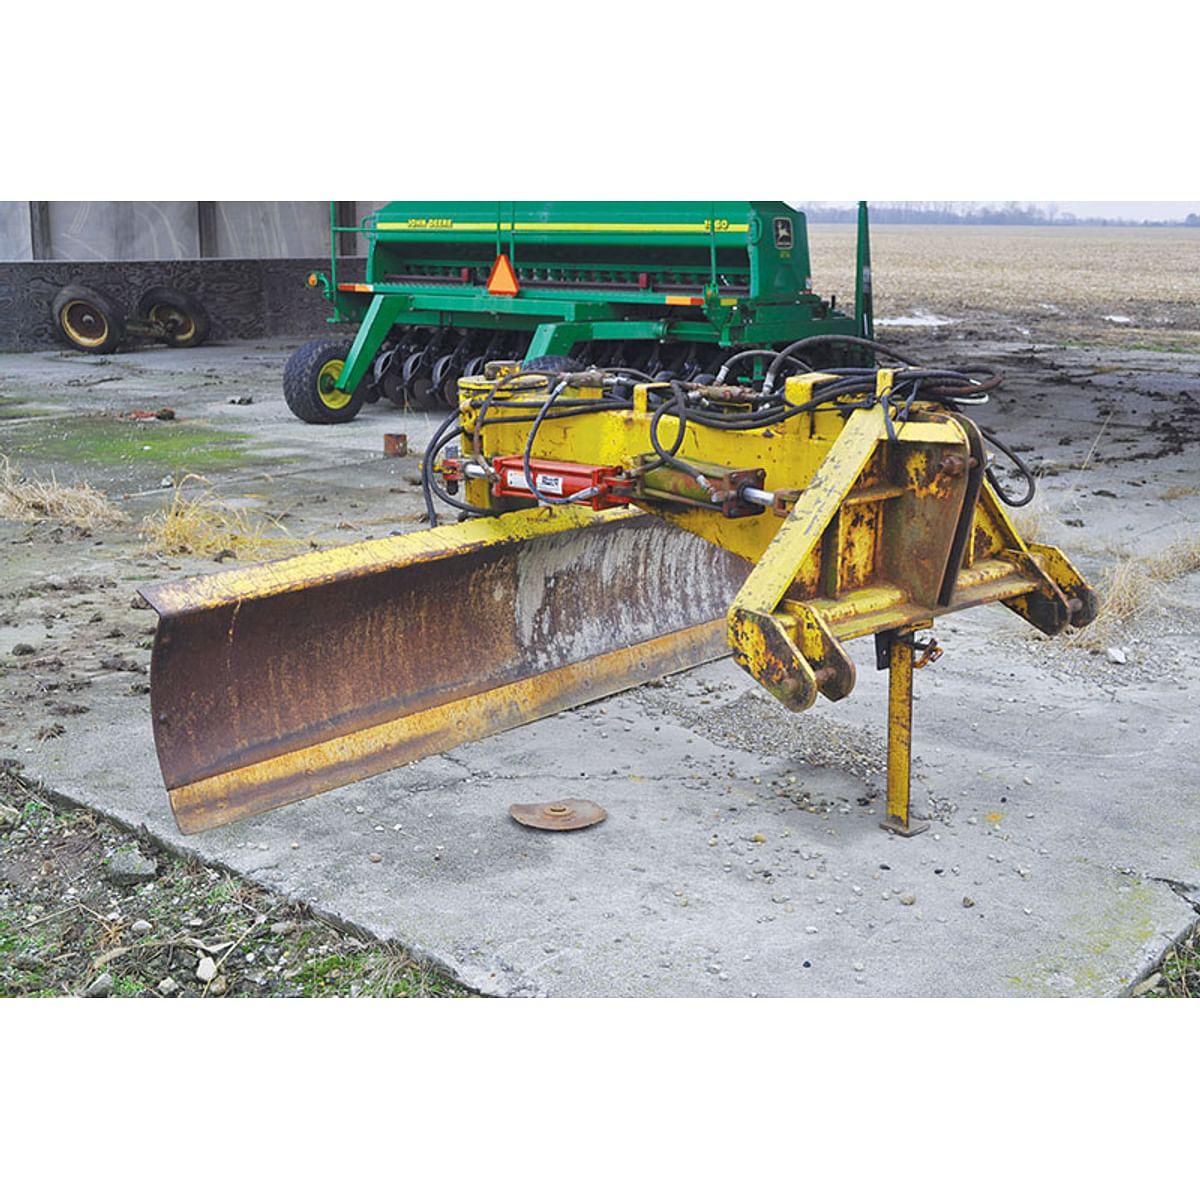 Belt Farm Equipment Auction The Wendt Group Inc Land